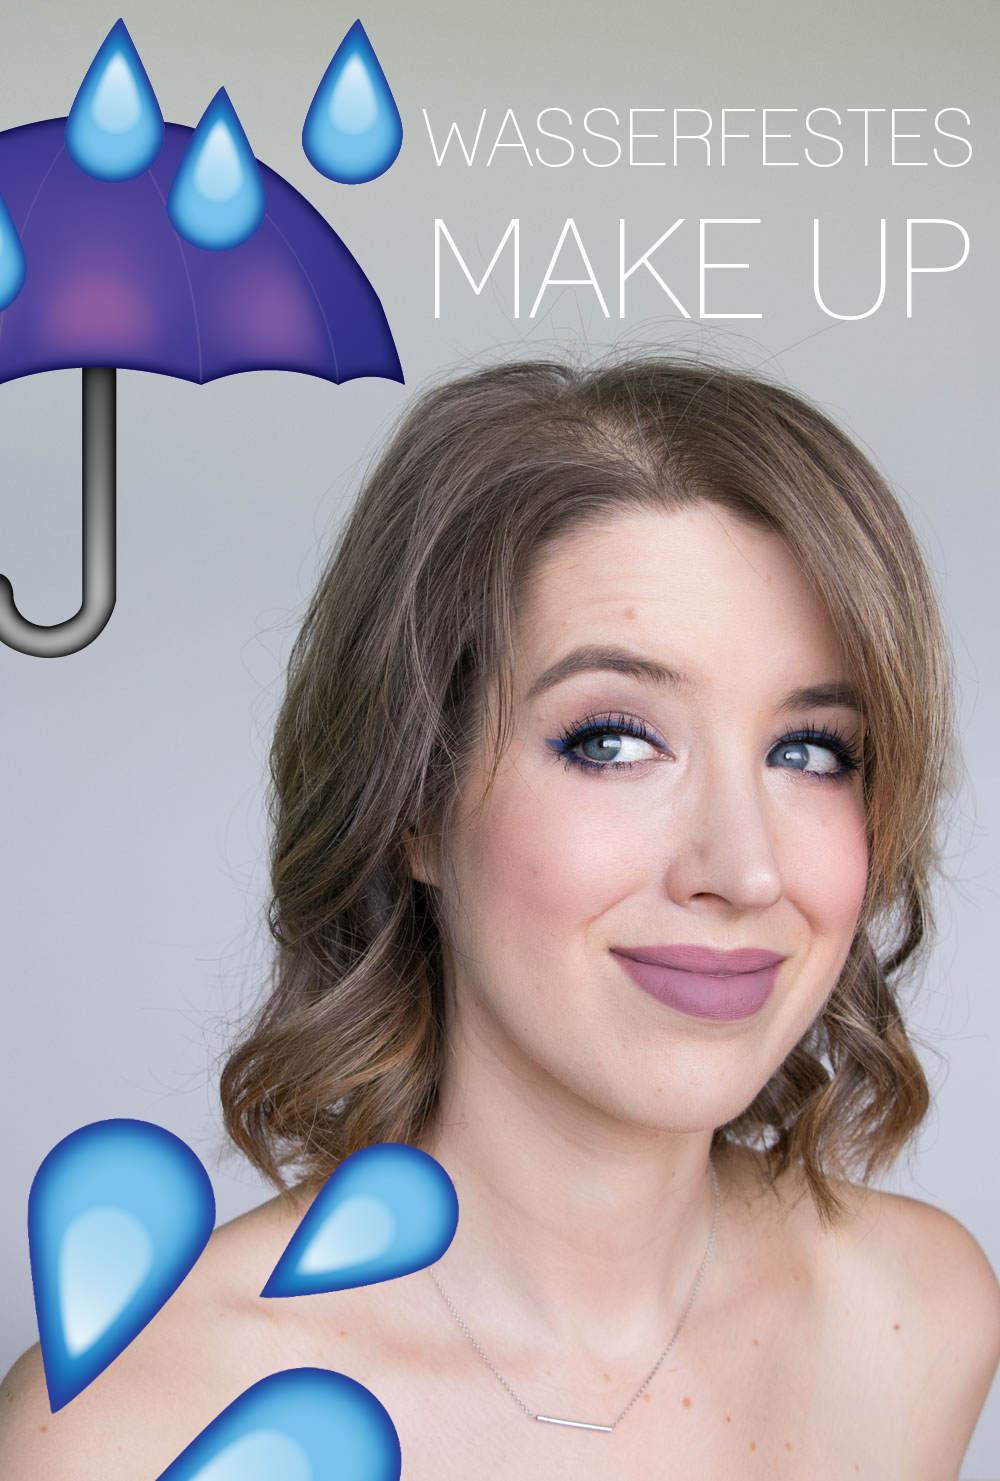 Wasserfestes Make Up